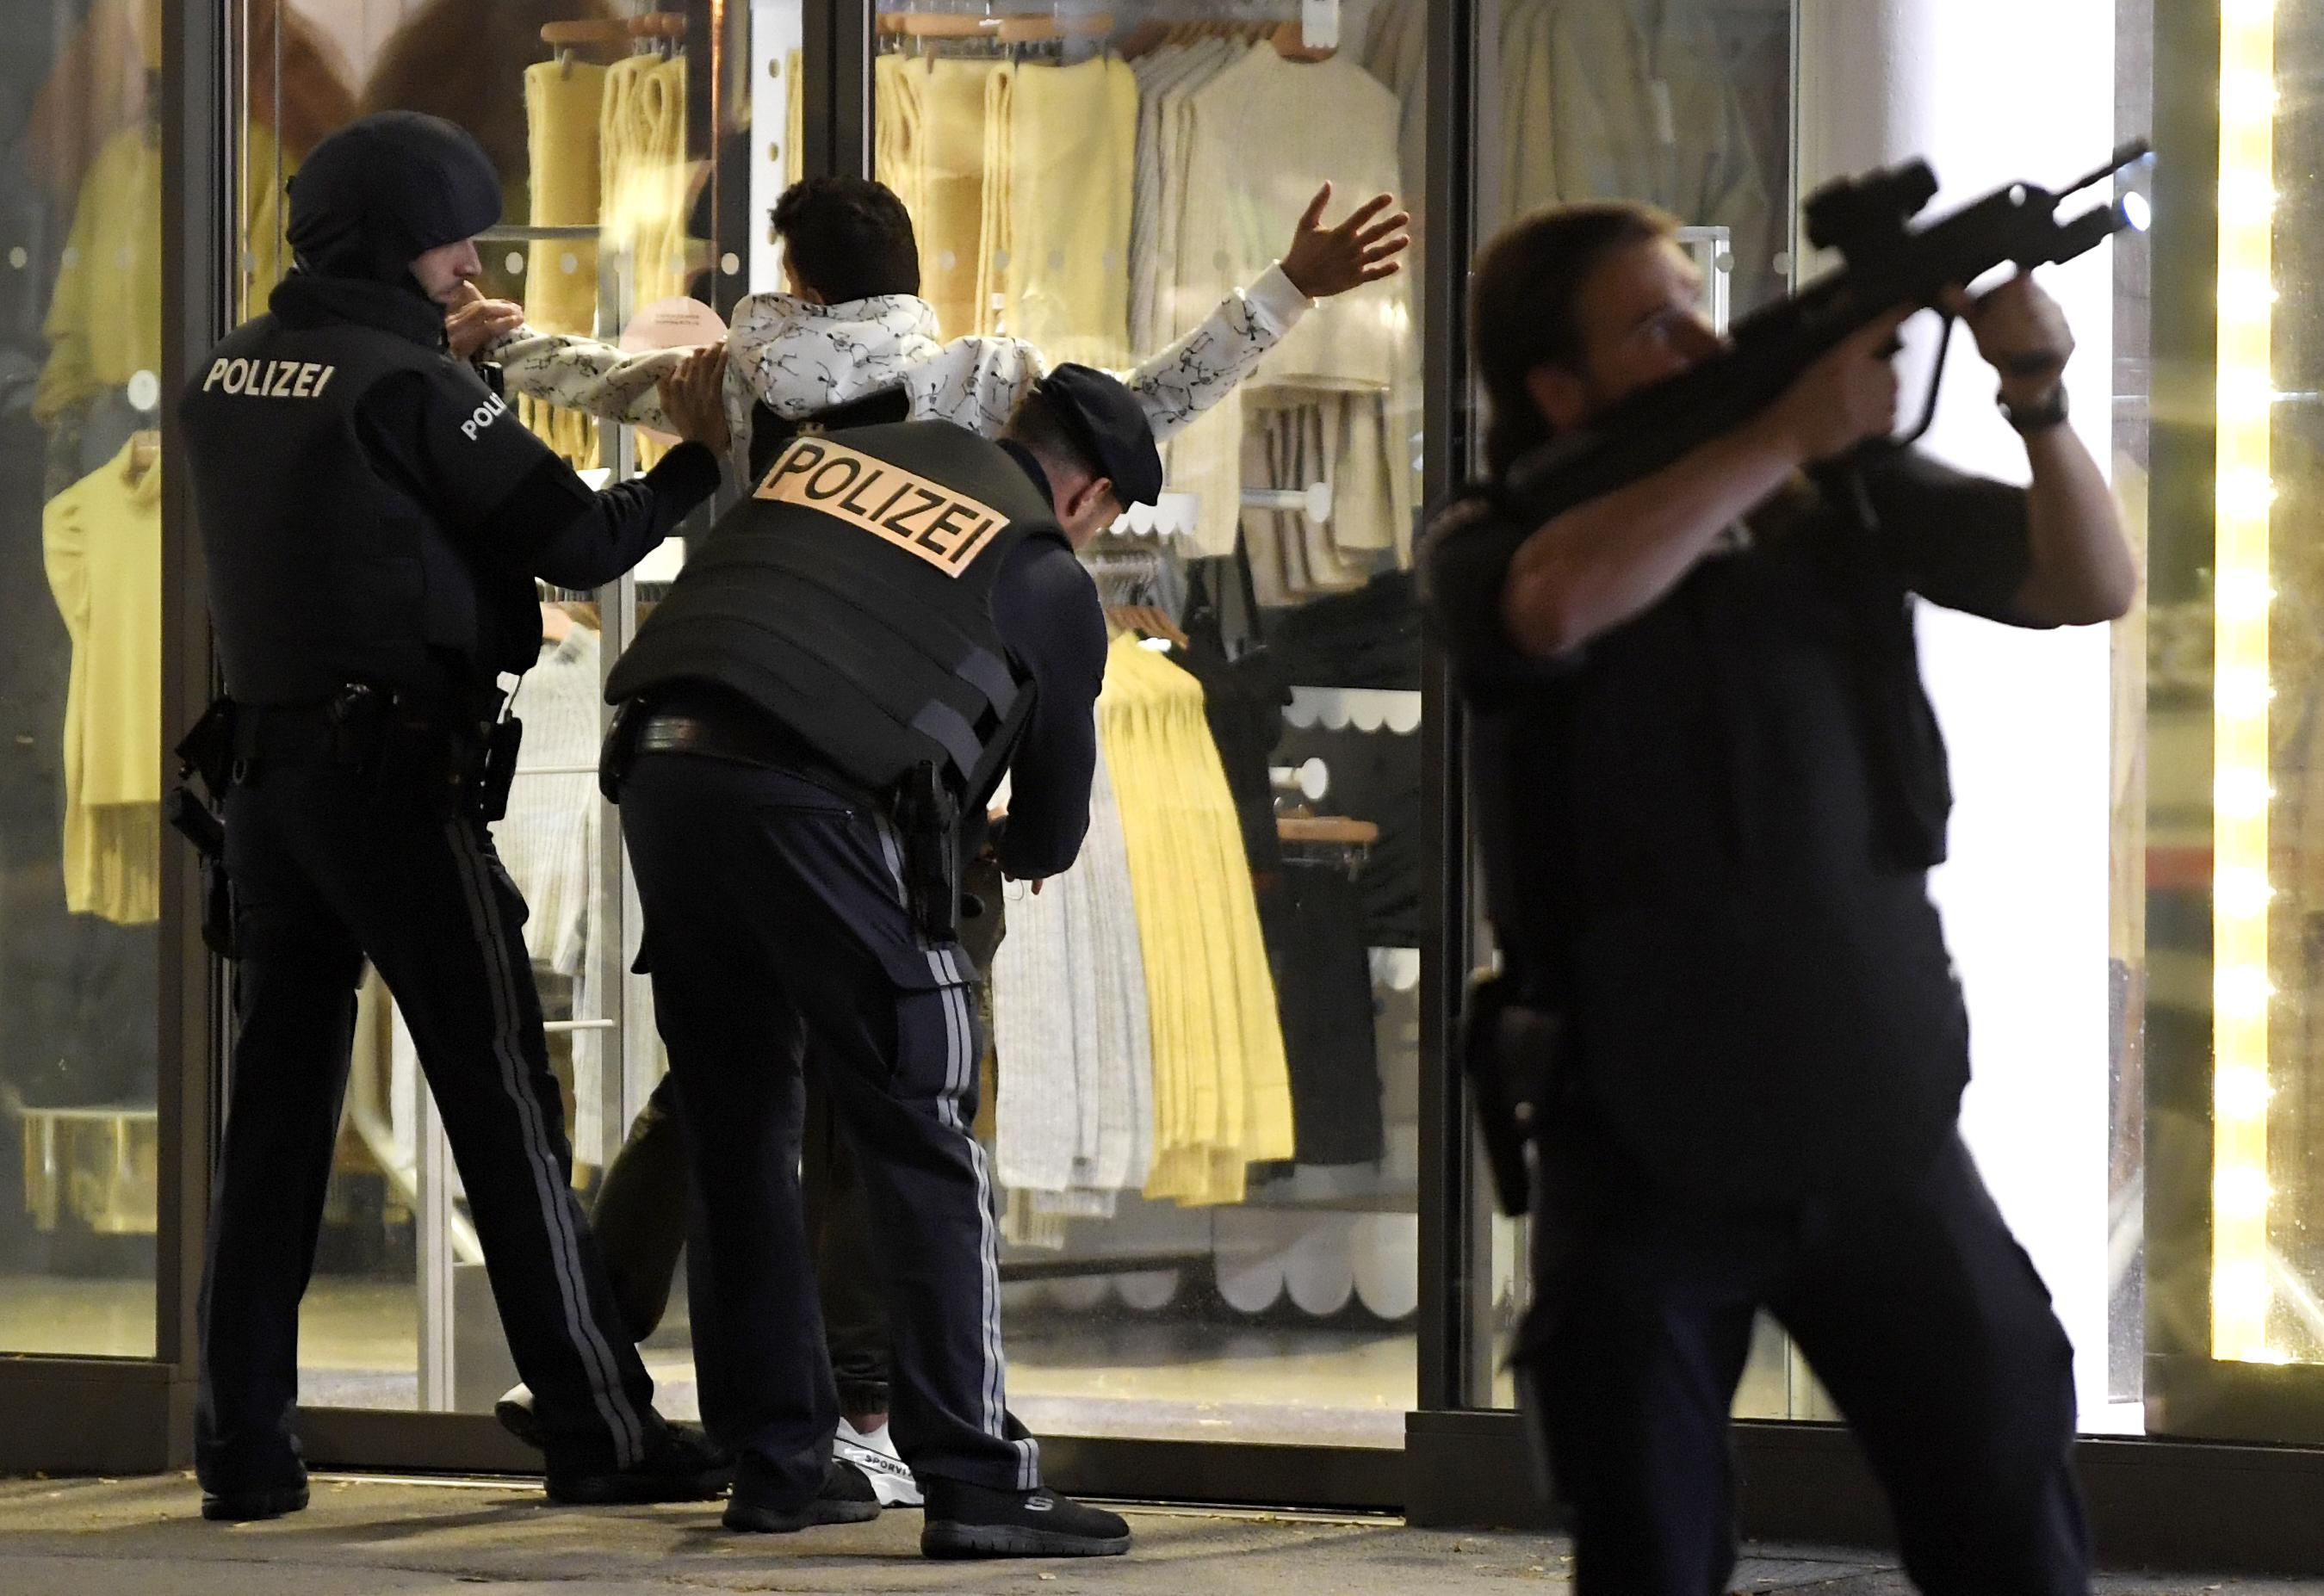 Hajtóvádaszat Bécs utcáin, egy lövöldöző elmenekült